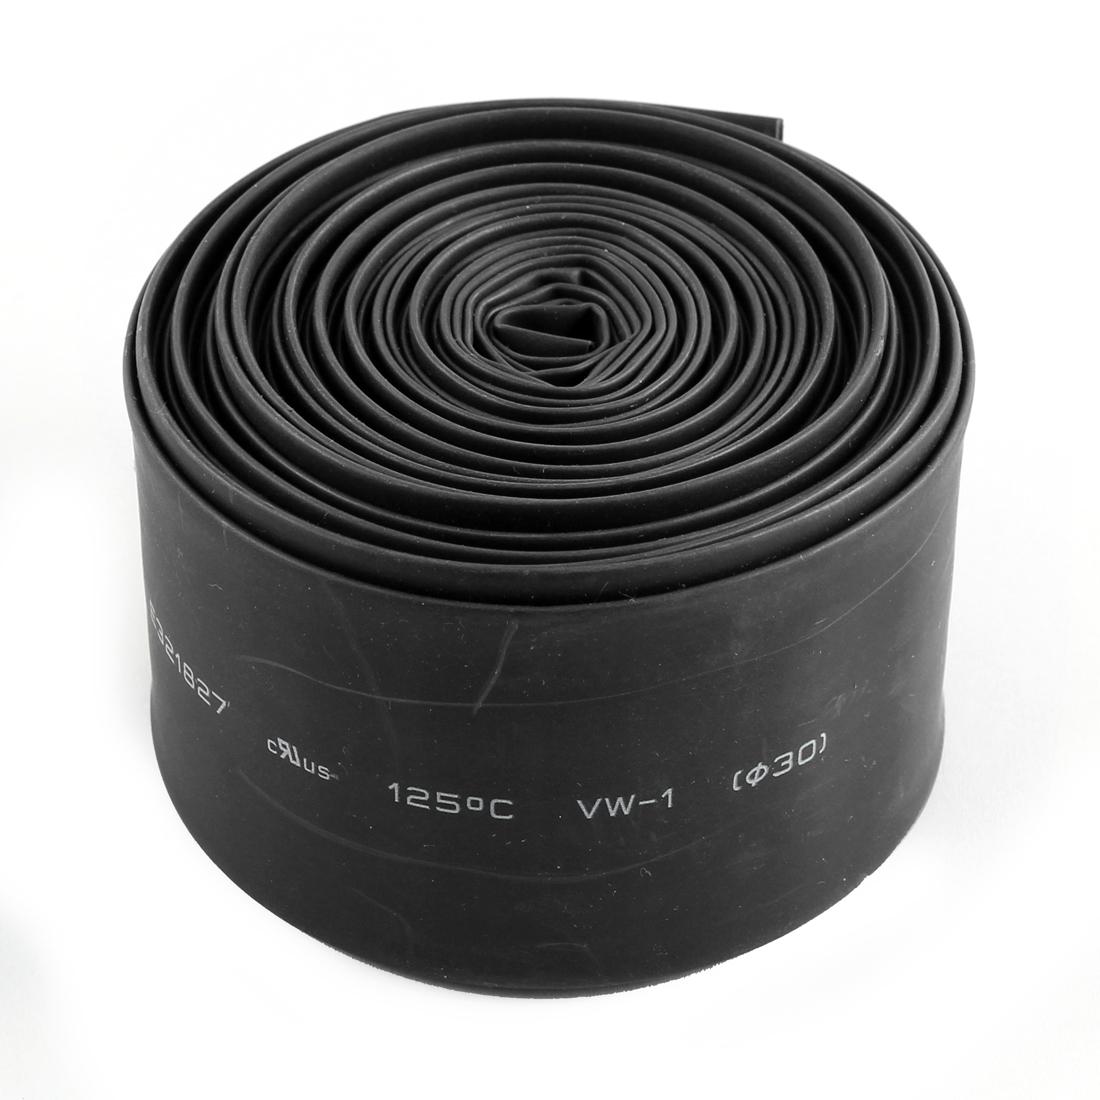 30mm Diameter Polyolefin Heat Shrink Tube Shrinkable Sleeving Black